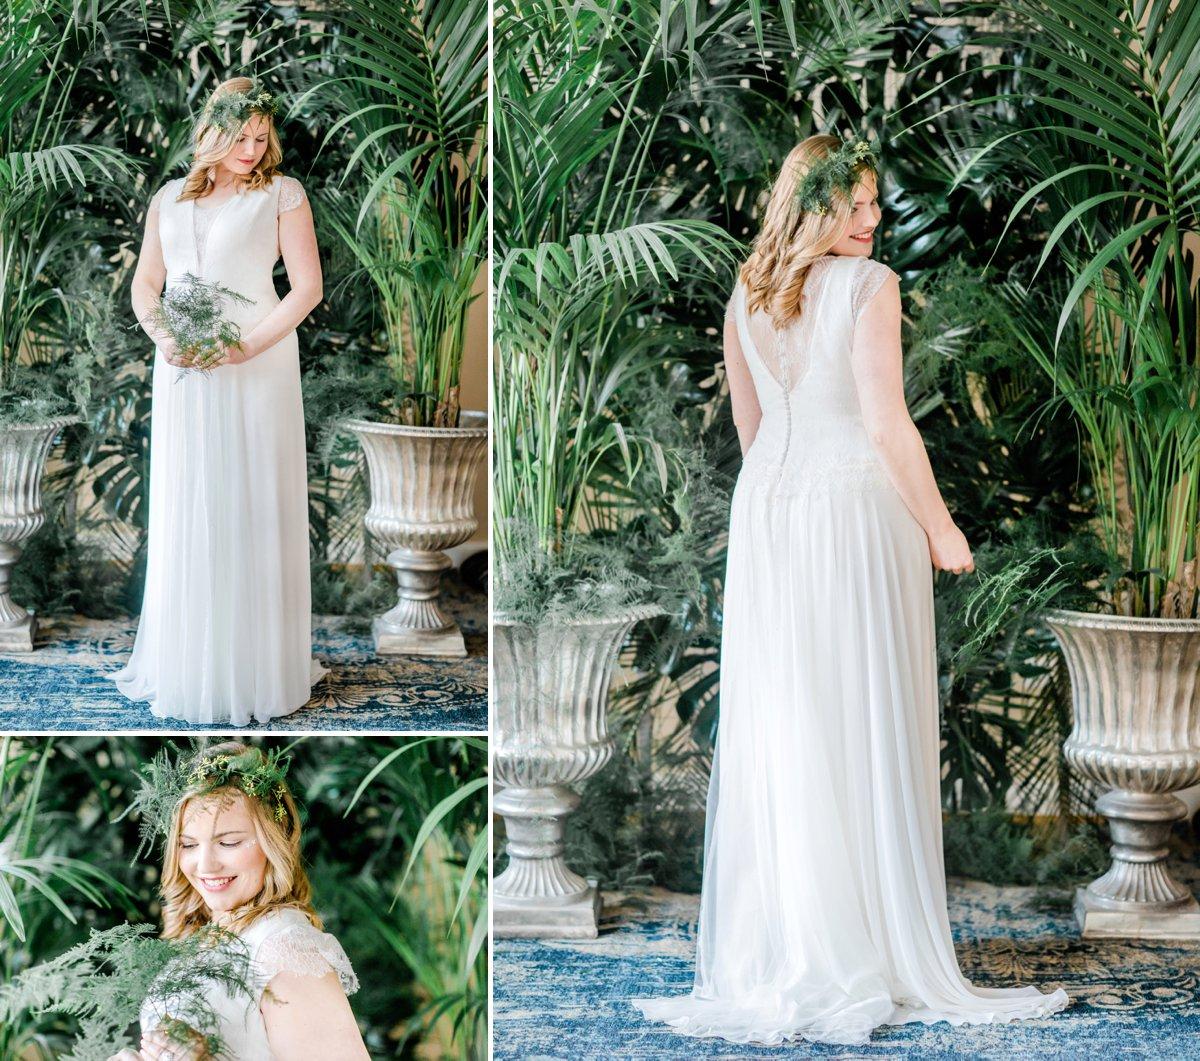 Brautkleid Formen: MarryMAG Curvy Brides: Brautkleider Für Kurvige Bräute